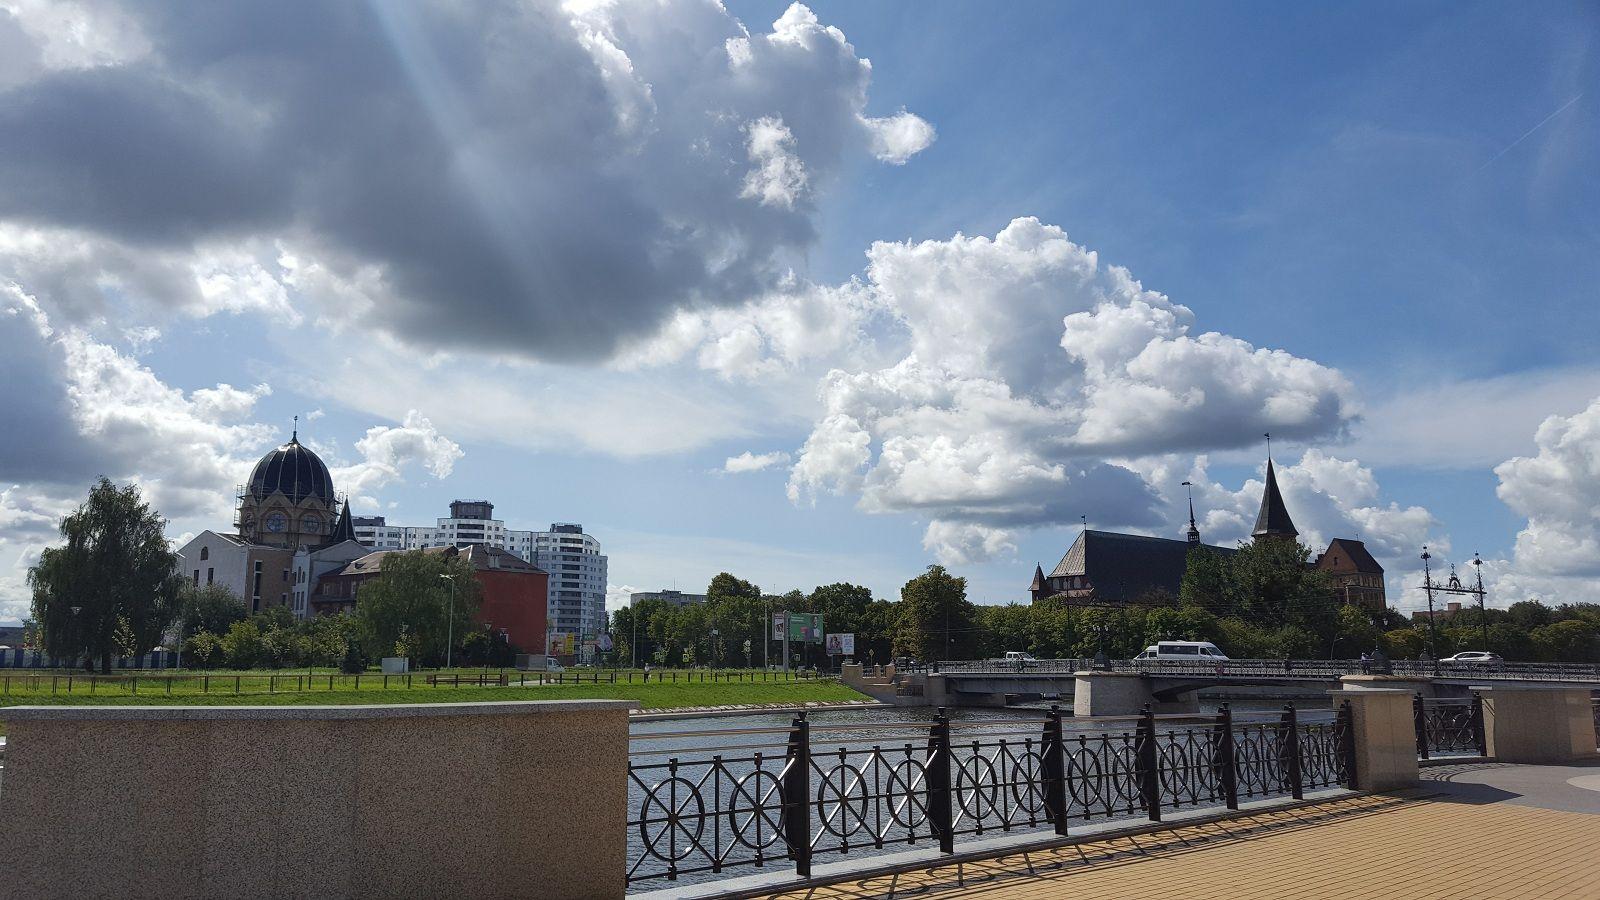 Как я провела свой день рождение, я покажу вам летний Калининград, фото 54